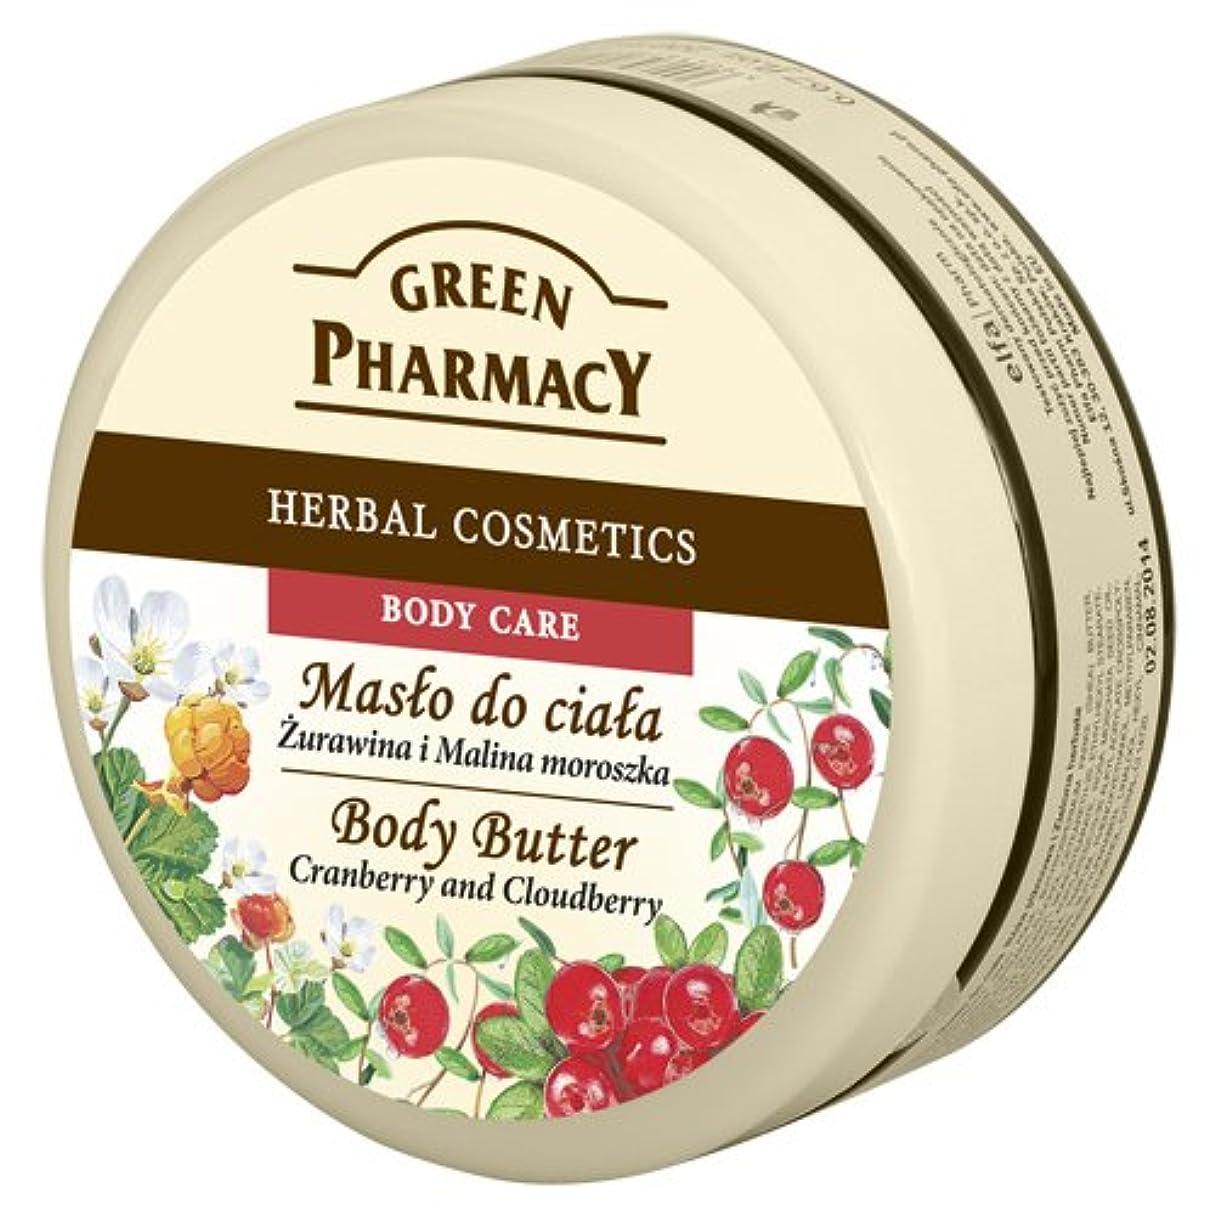 修正する派生する明らかにElfa Pharm Green Pharmacy グリーンファーマシー Body Butter ボディバター Cranberry and Cloudberry